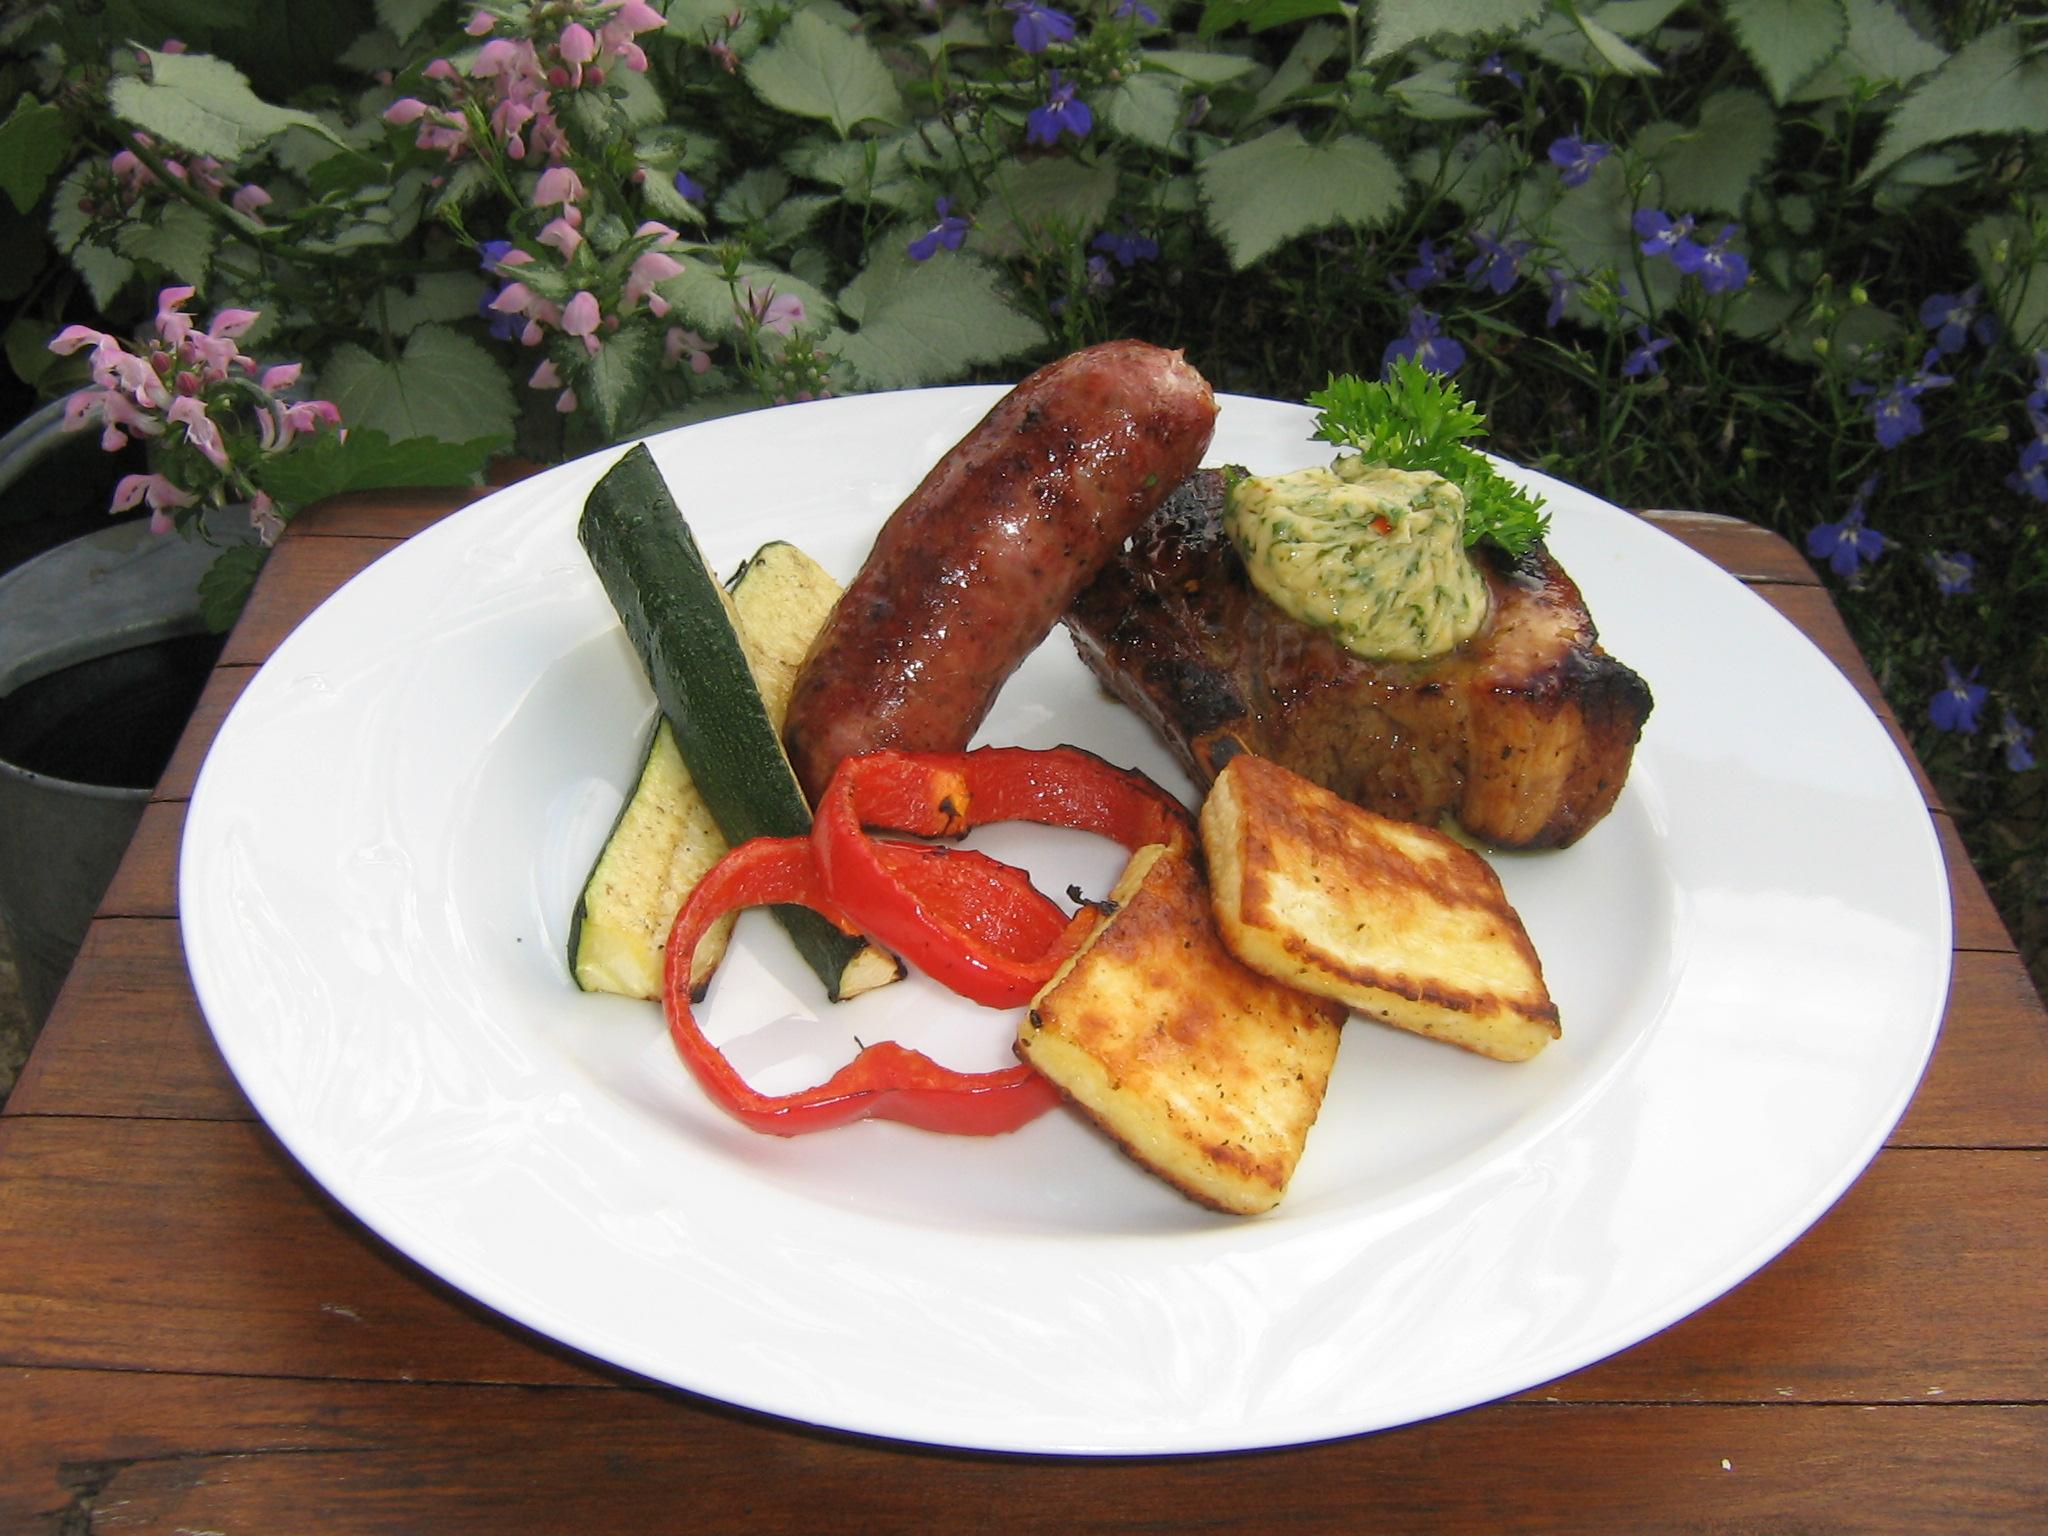 Grillade tjocka Revbensspjäll, Salsiccia från Toscana, Halloumi från Oviken Ost serverat med grillade Grönsaker och Vitlökssmör